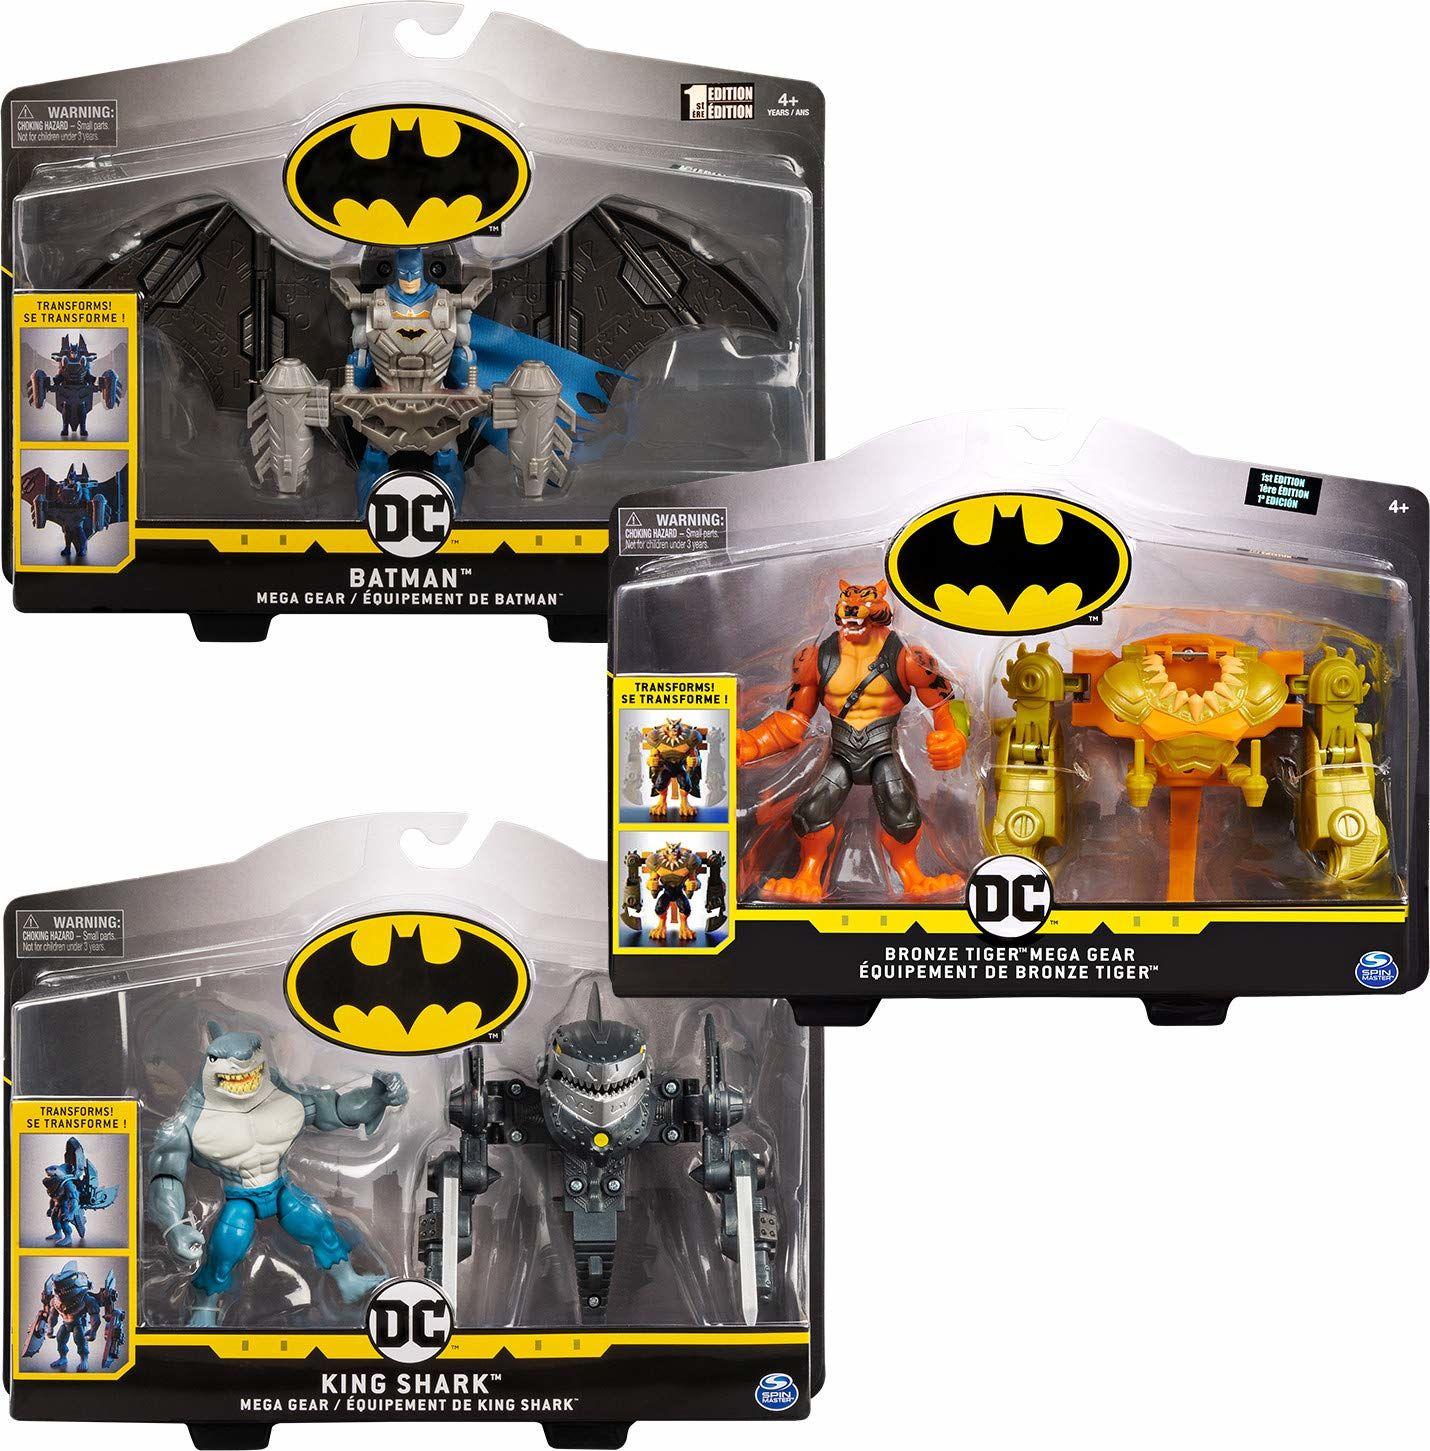 BATMAN 6055947 - Batman figurka akcji 10 cm z przekształcalnym zbrojeniem Mega-Gear - sortowanie z różnymi wariantami